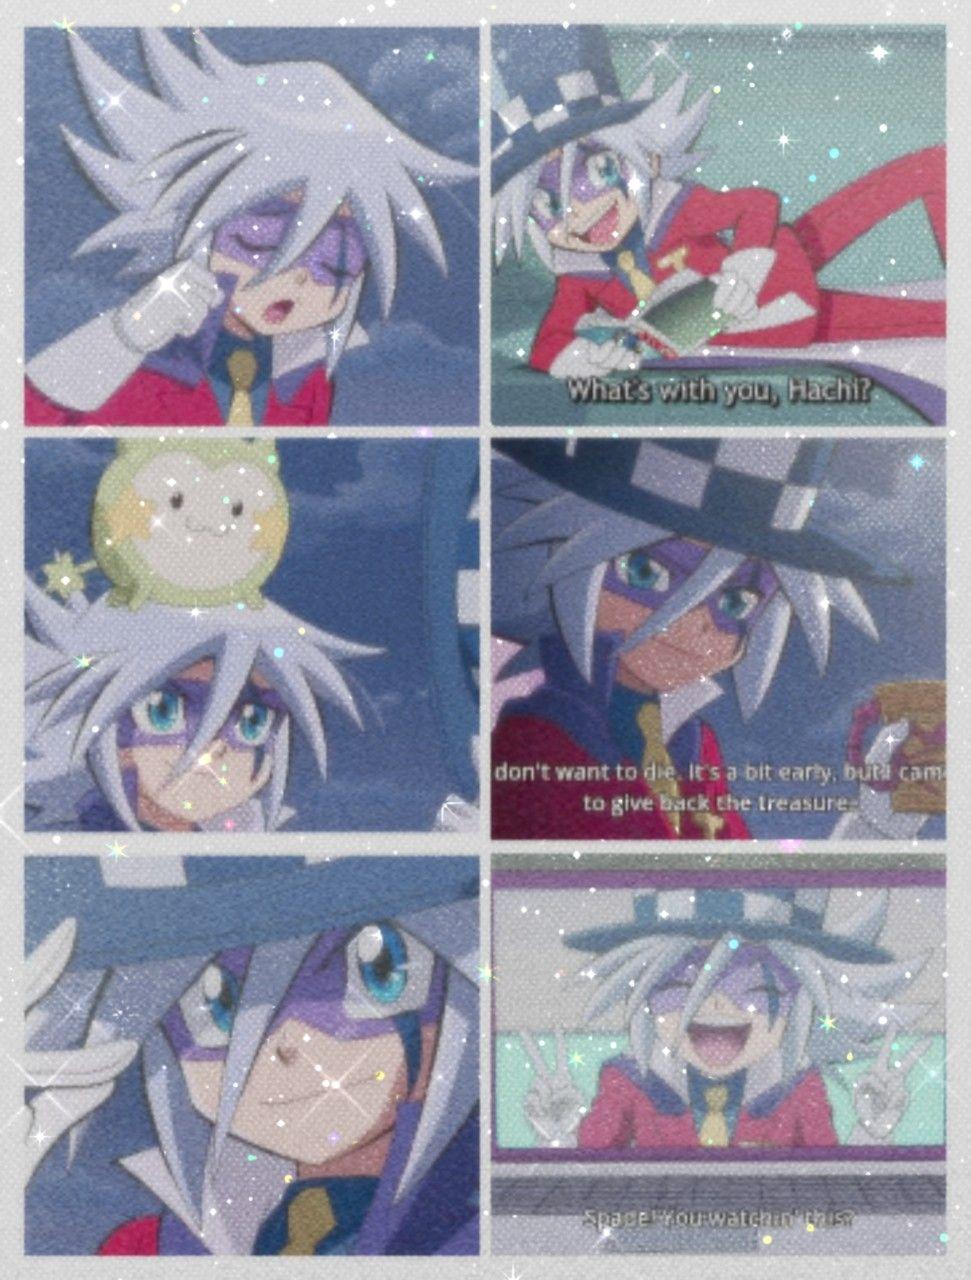 Kaitou Joker Joker Pics Joker Anime Anime kaitou joker wallpaper